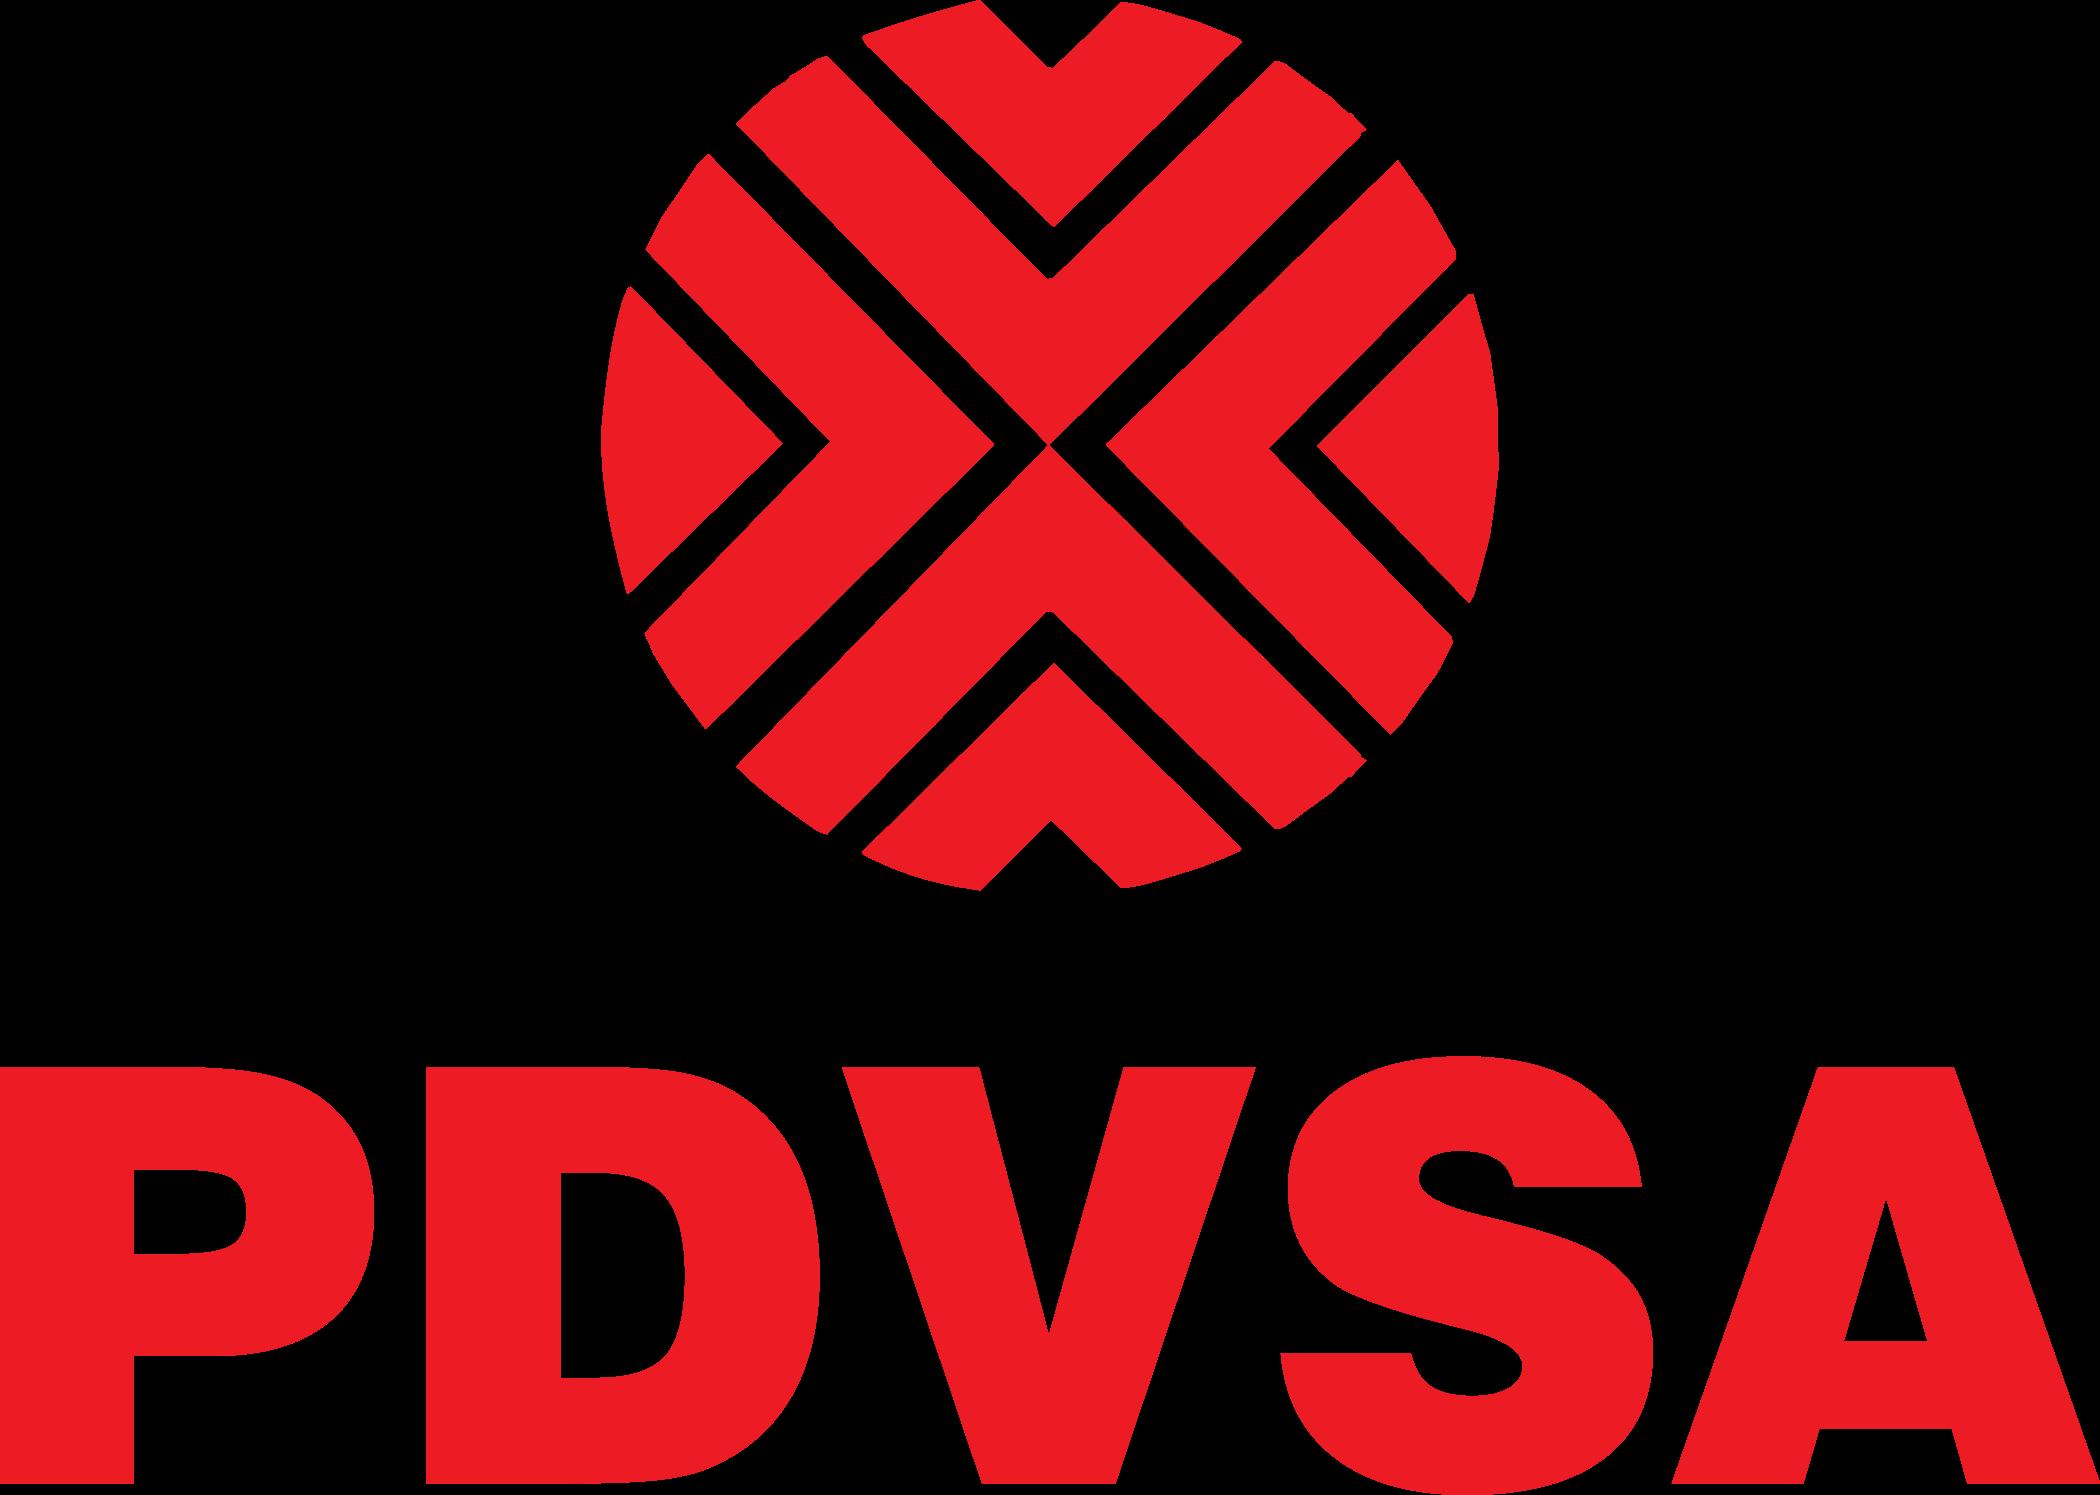 pdvsa logo 11 - PDVSA Logo